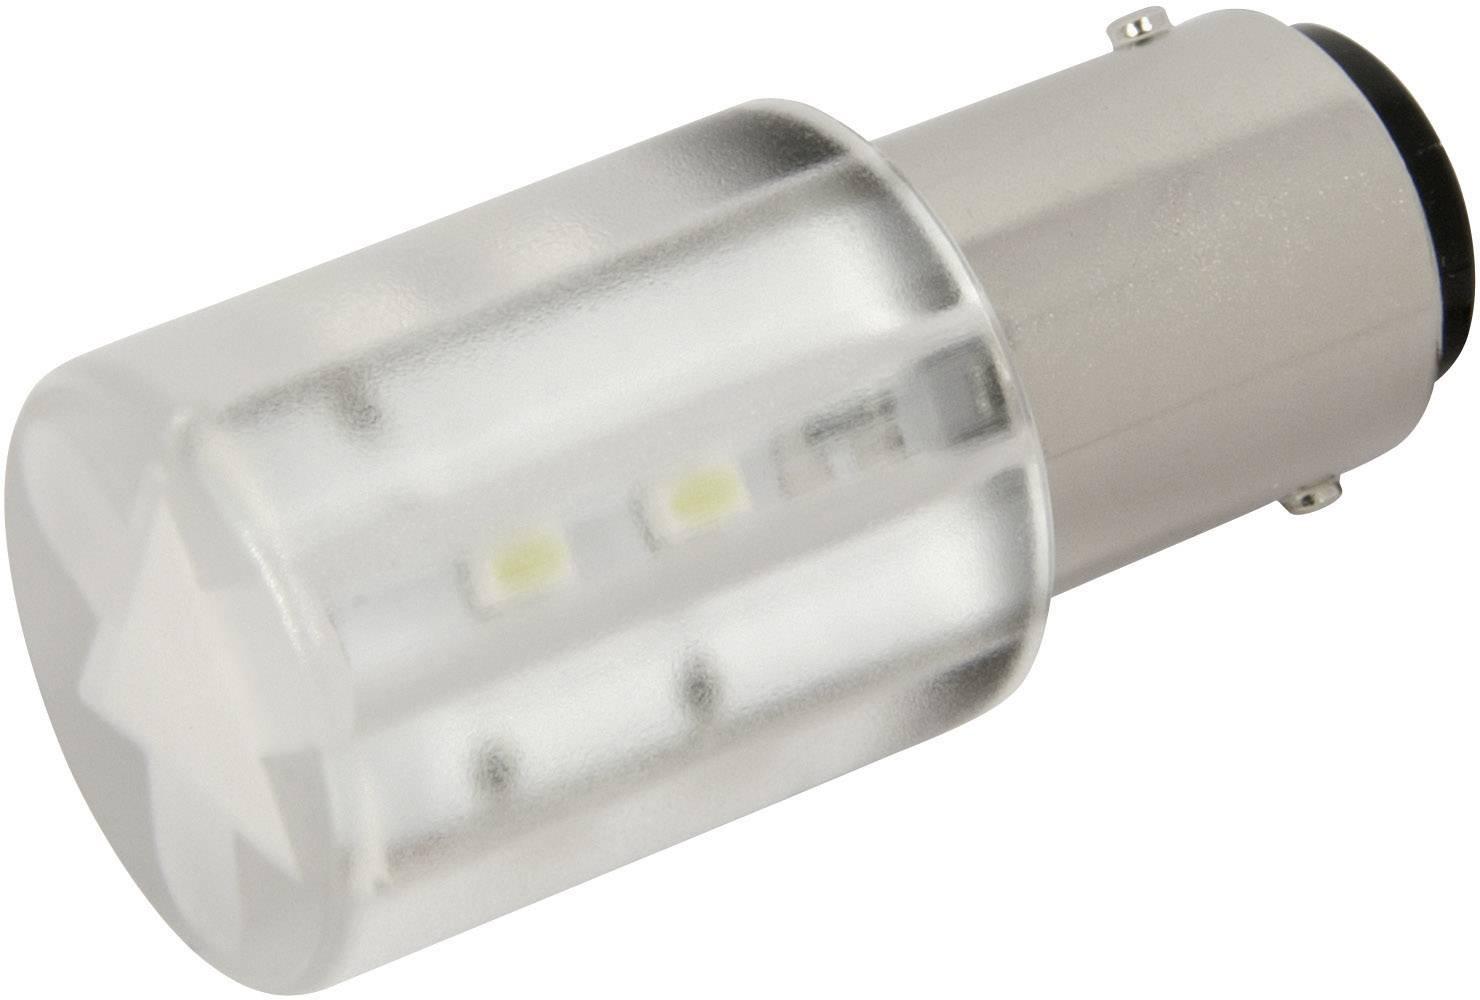 LEDžiarovka CML 1856035W, BA15d, 24 V/DC, 24 V/AC, 1400 mcd, chladná biela